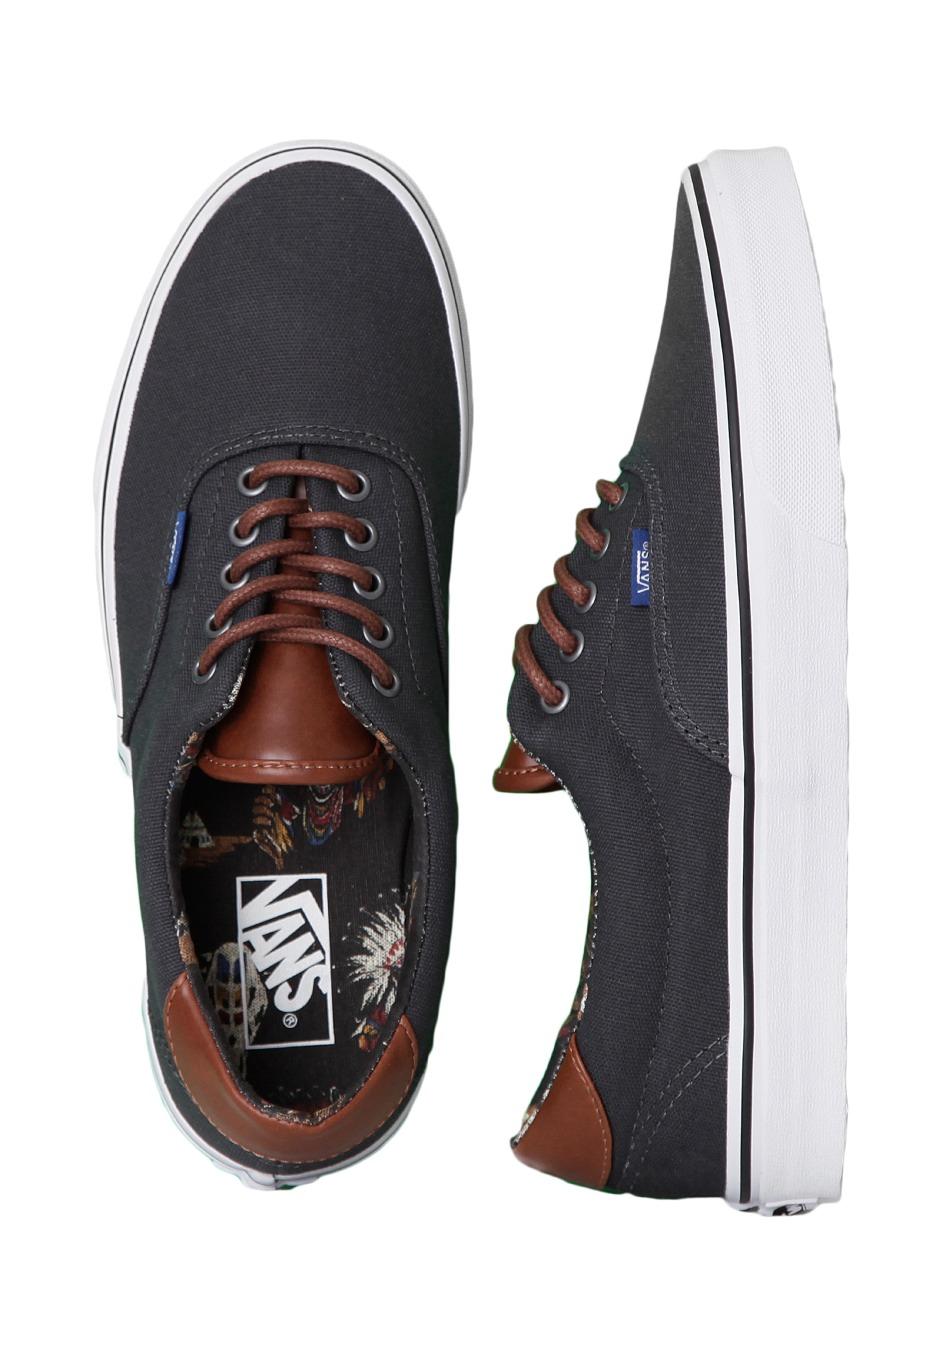 Vans Tribal Leaders Shoes